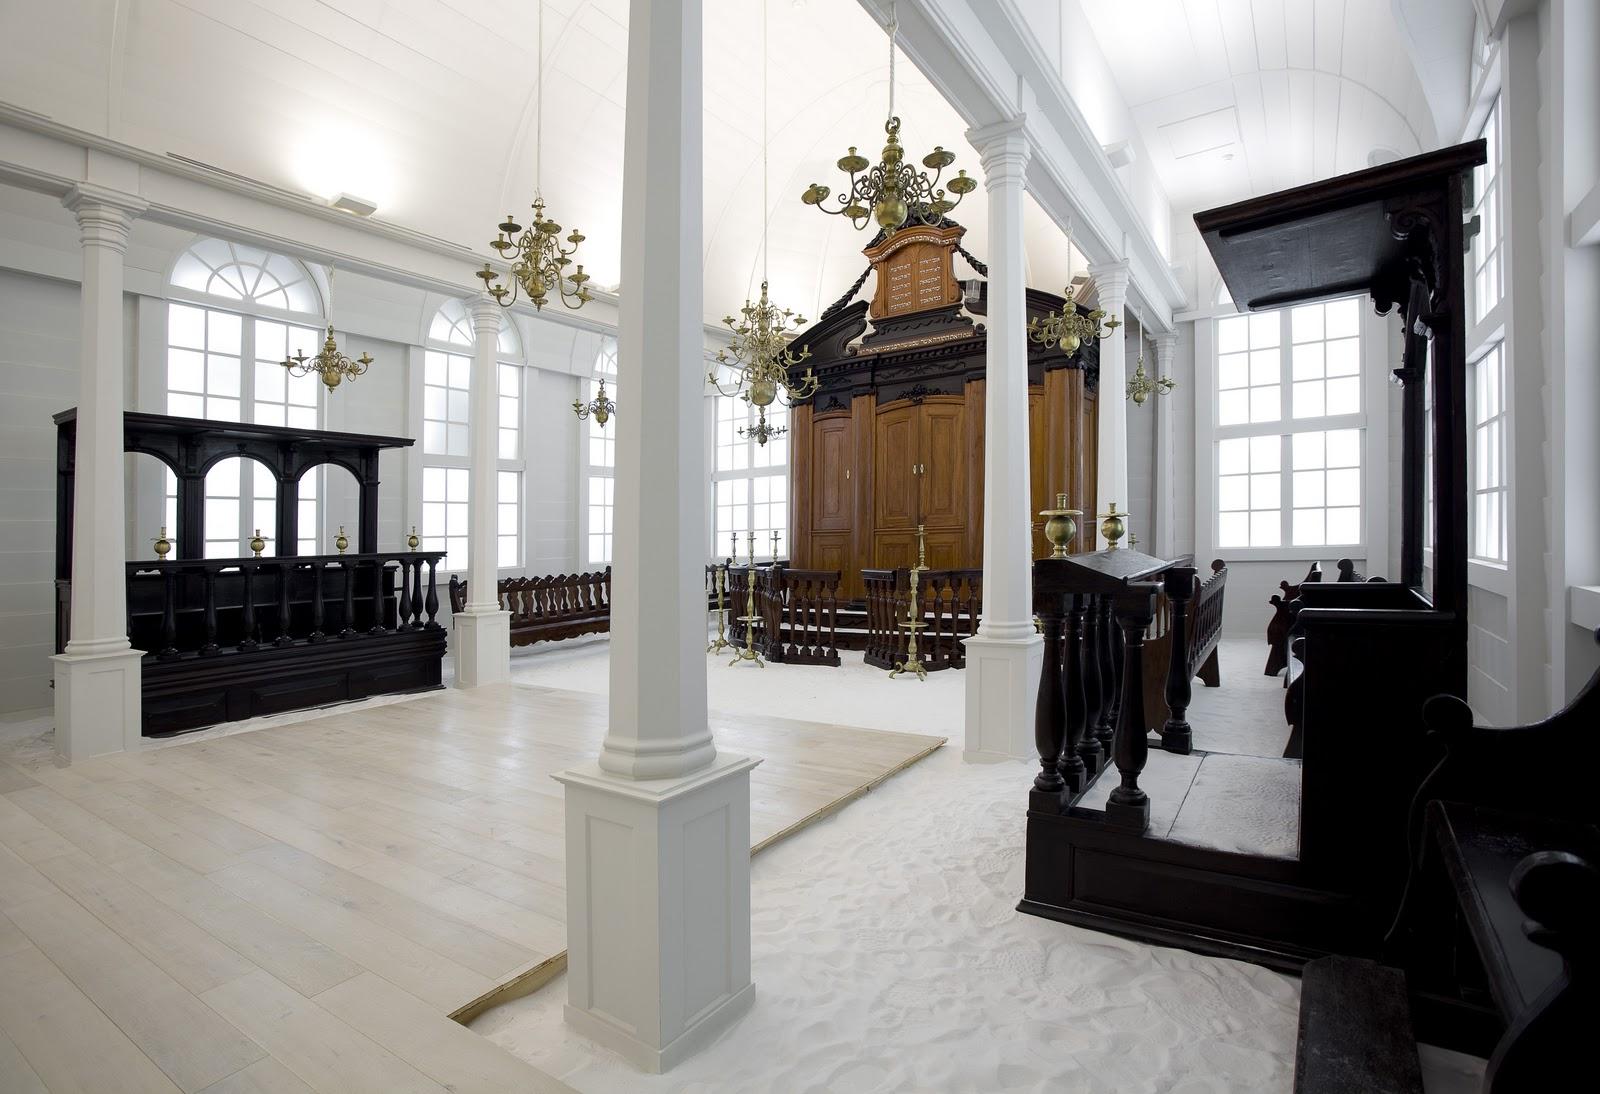 Jewish synagogues, Suriname